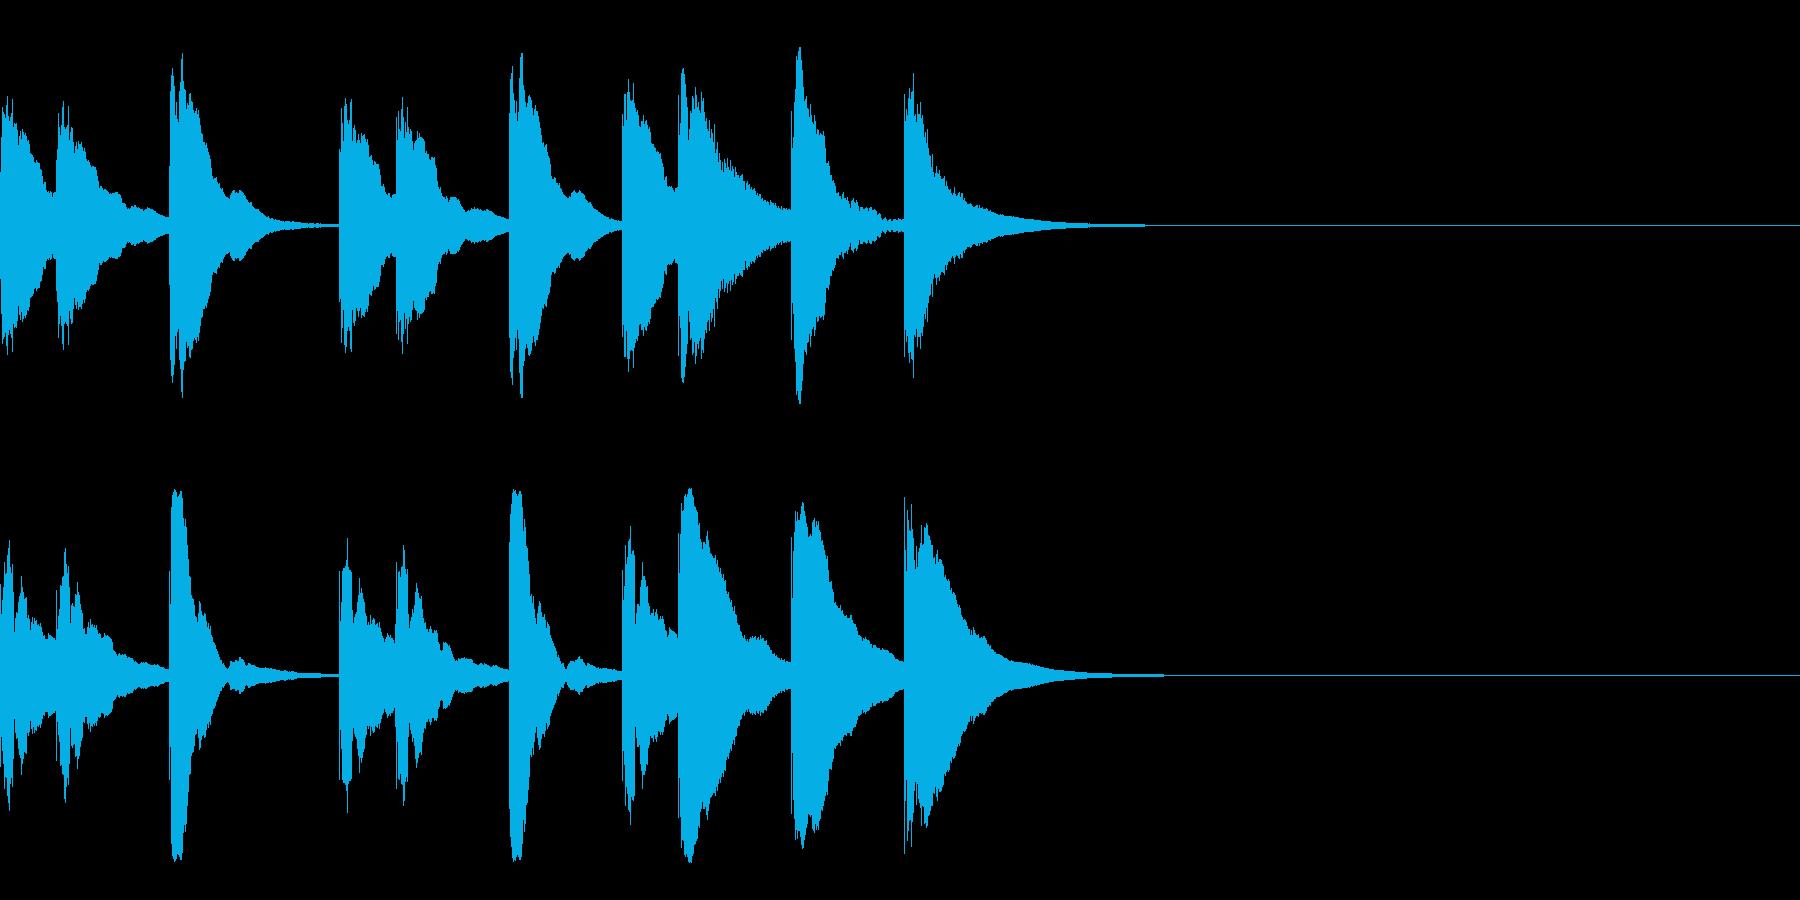 木琴の短い3秒ジングルの再生済みの波形